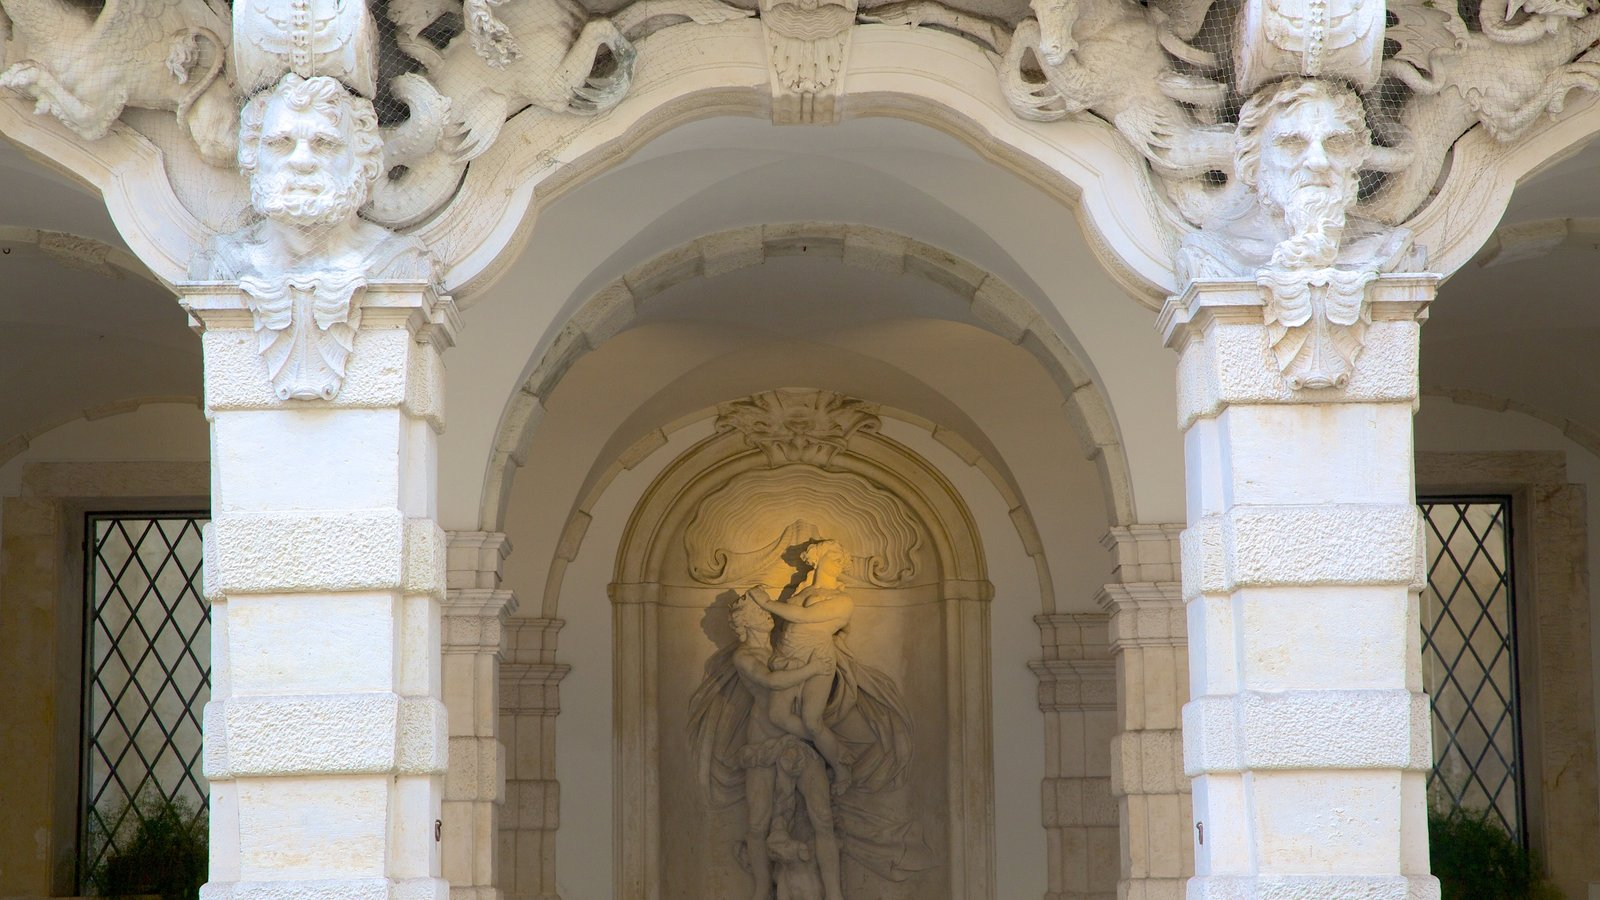 Gallerie di Palazzo Leoni Montanari featuring heritage architecture